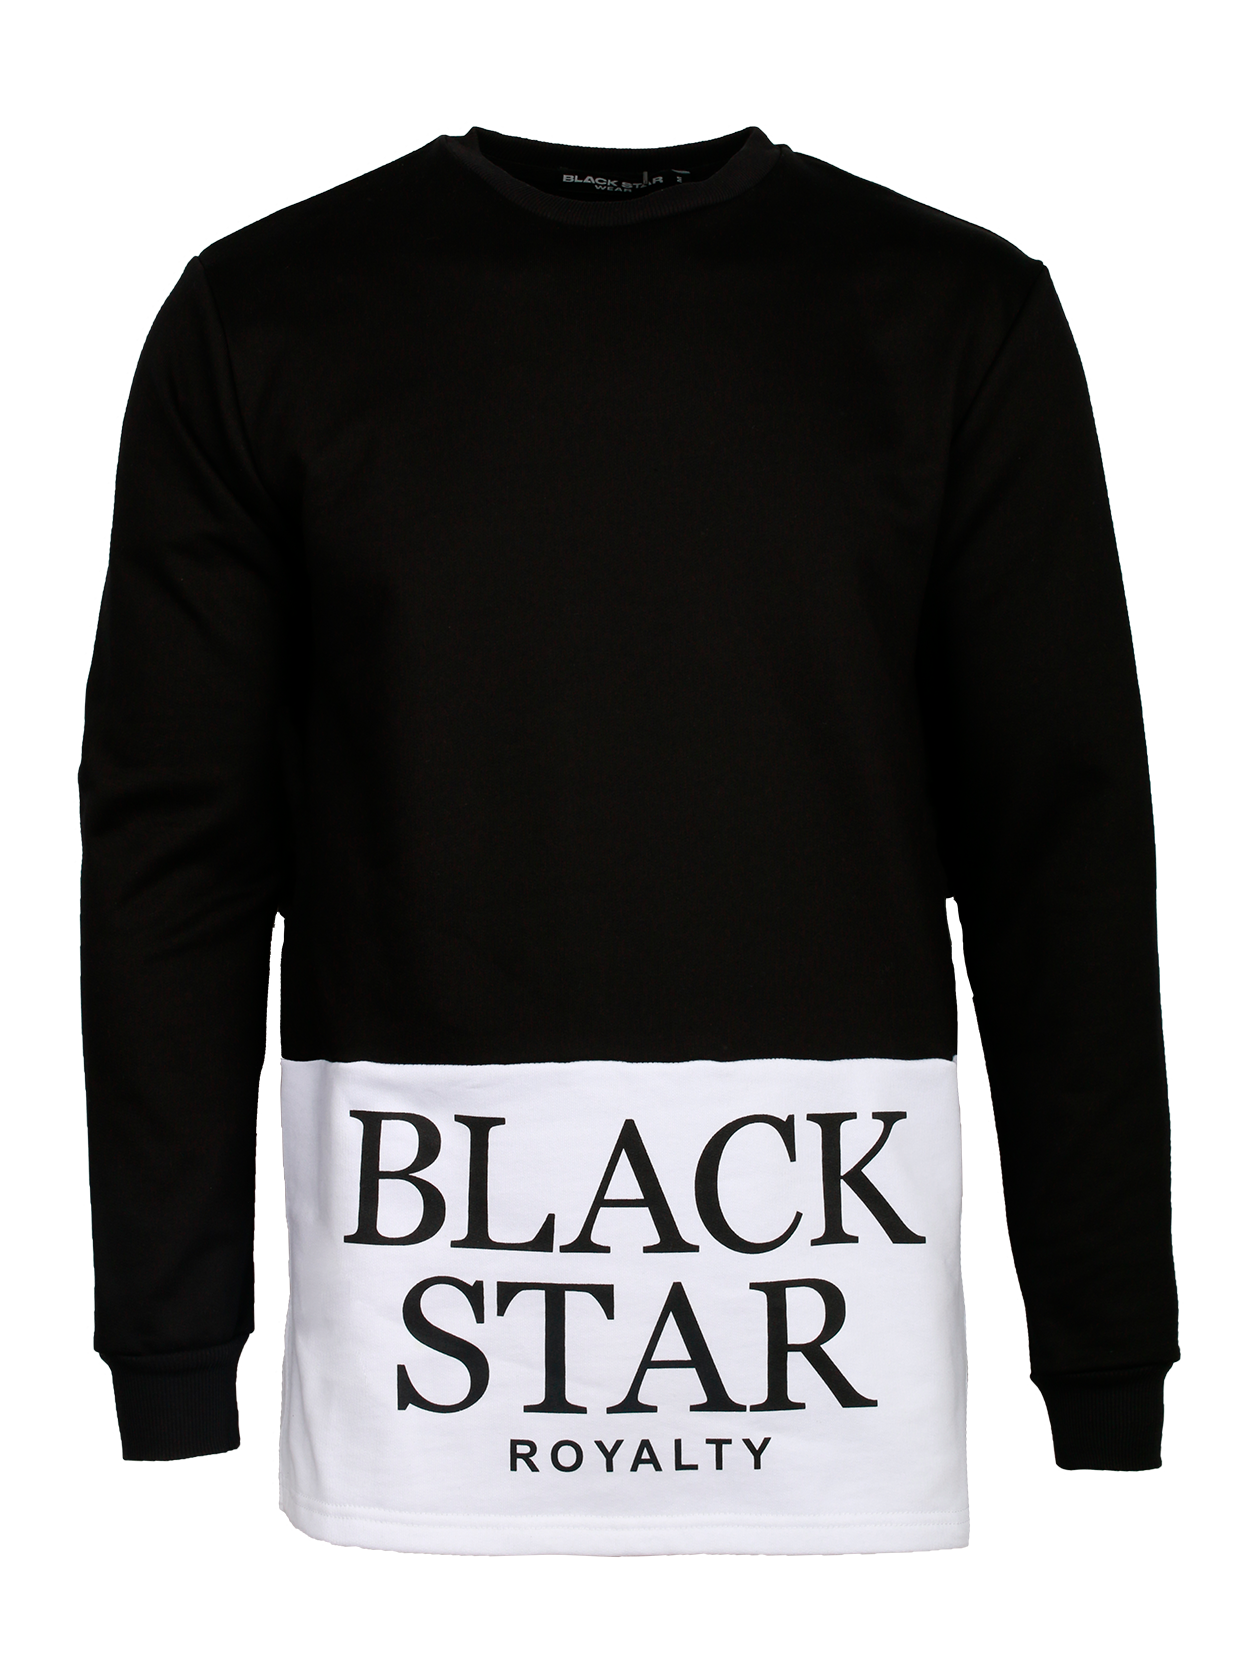 Толстовка мужская ROYALTY BLACK STARЭффектная мужская толстовка Royalty Black Star неординарного дизайна поможет разнообразить повседневный стиль. Модель прямого, свободного фасона с длинным рукавом. Верхняя часть, включая рукав, выполнена из черного материала, нижняя – из белой ткани с крупной контрастной надписью Royalty Black Star. Манжеты и край горловины оформлены высококачественной трикотажной резинкой. Толстовка изготовлена из бленда натурального хлопка класса «люкс».<br><br>Размер: S<br>Цвет: Черный<br>Пол: Мужской